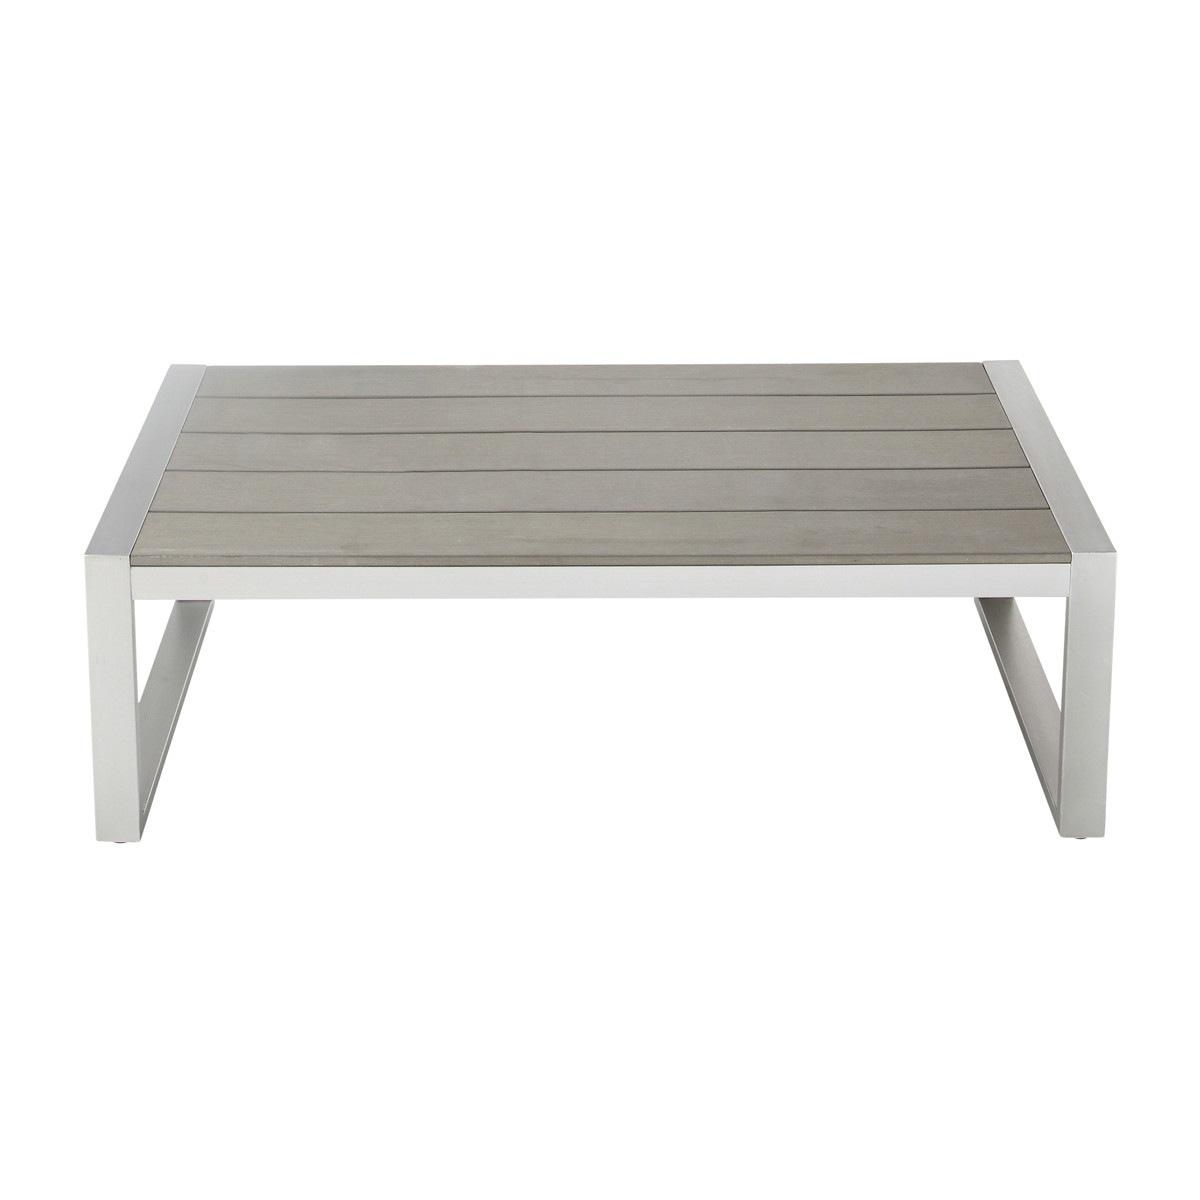 Petite Table but Frais Images Petite Table Pliable Meilleur Table Ronde Pliable Table Et Chaise